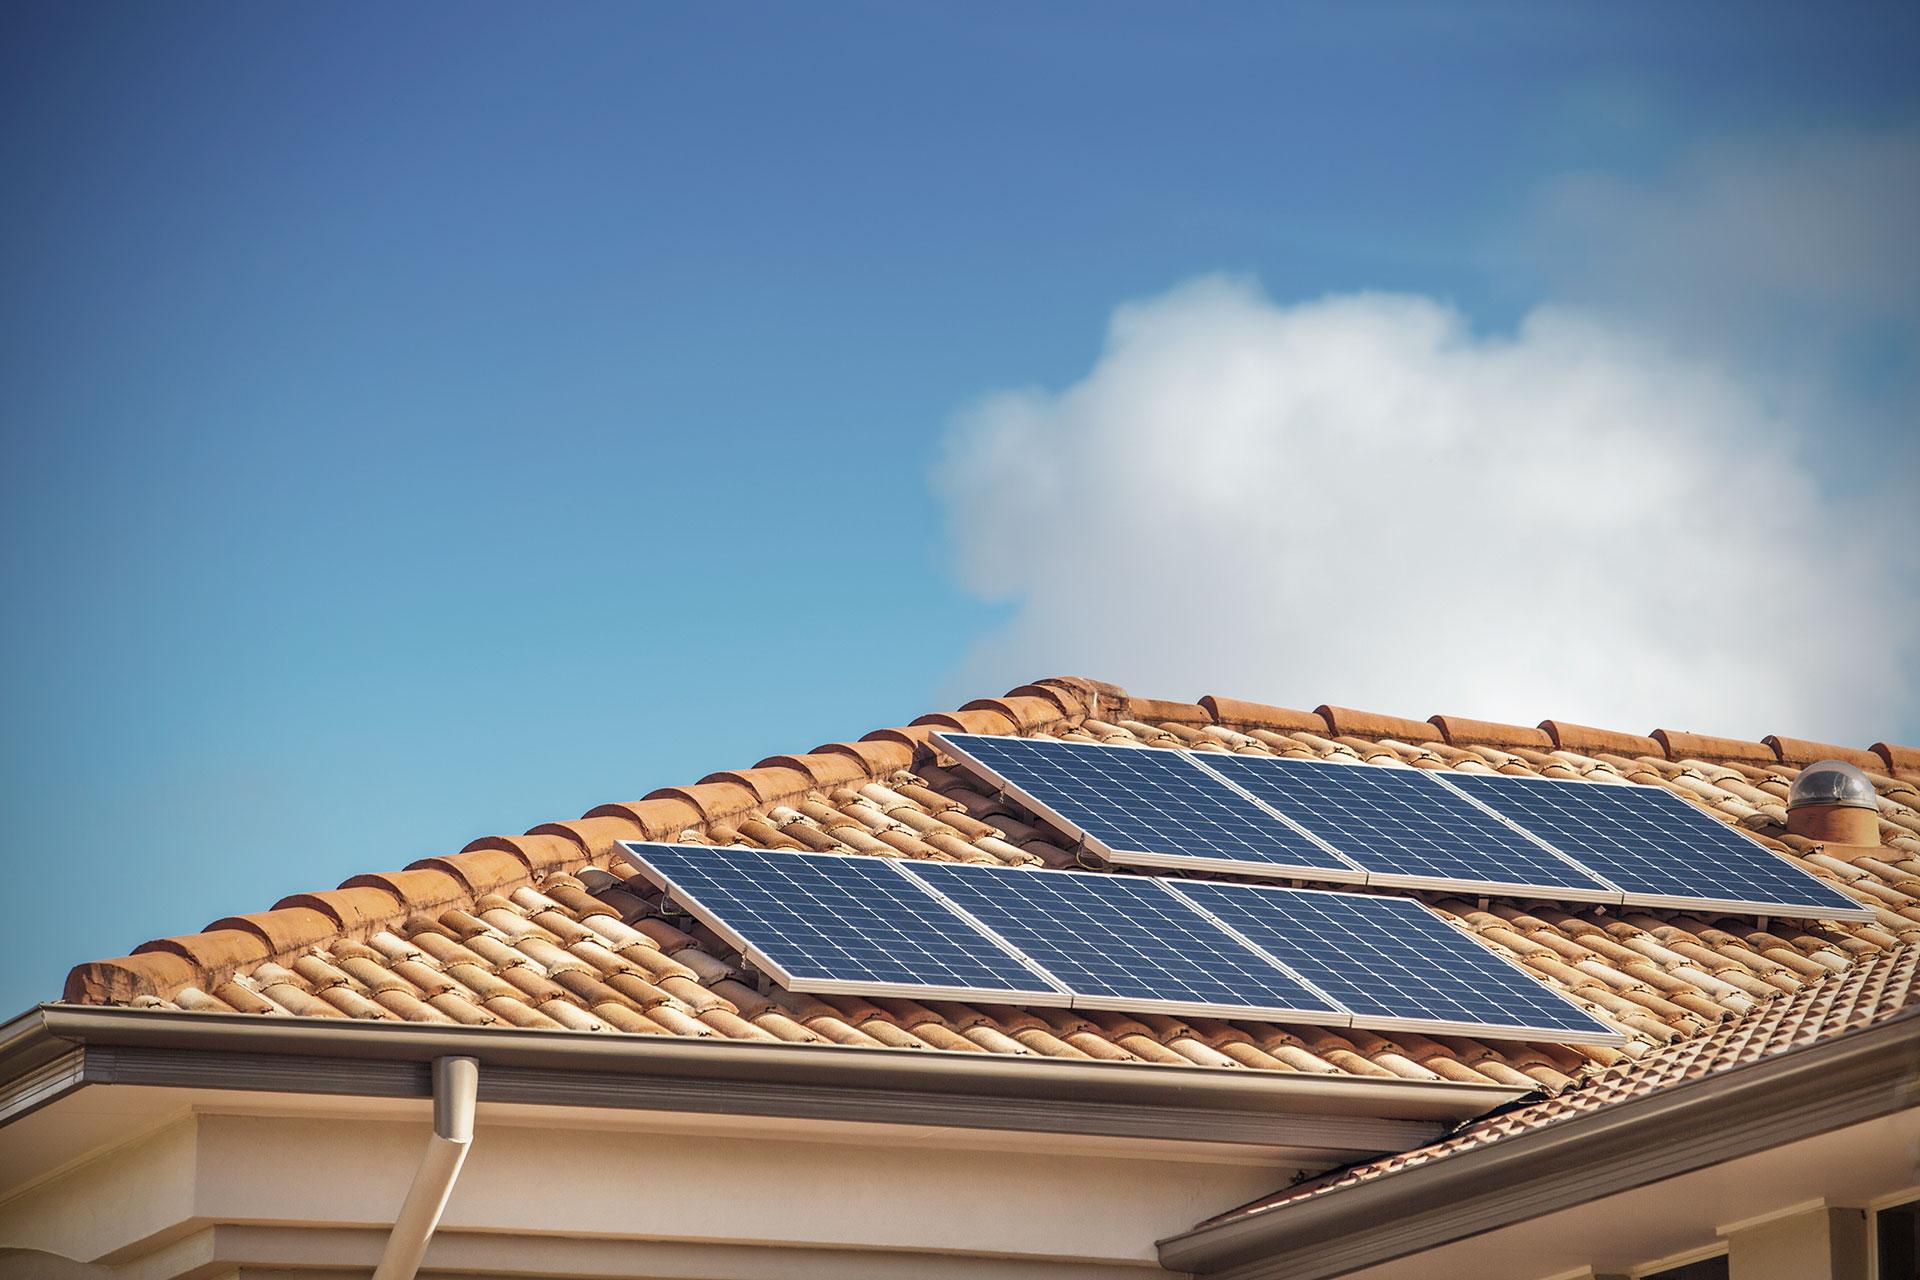 dimensionare impianto fotovoltaico